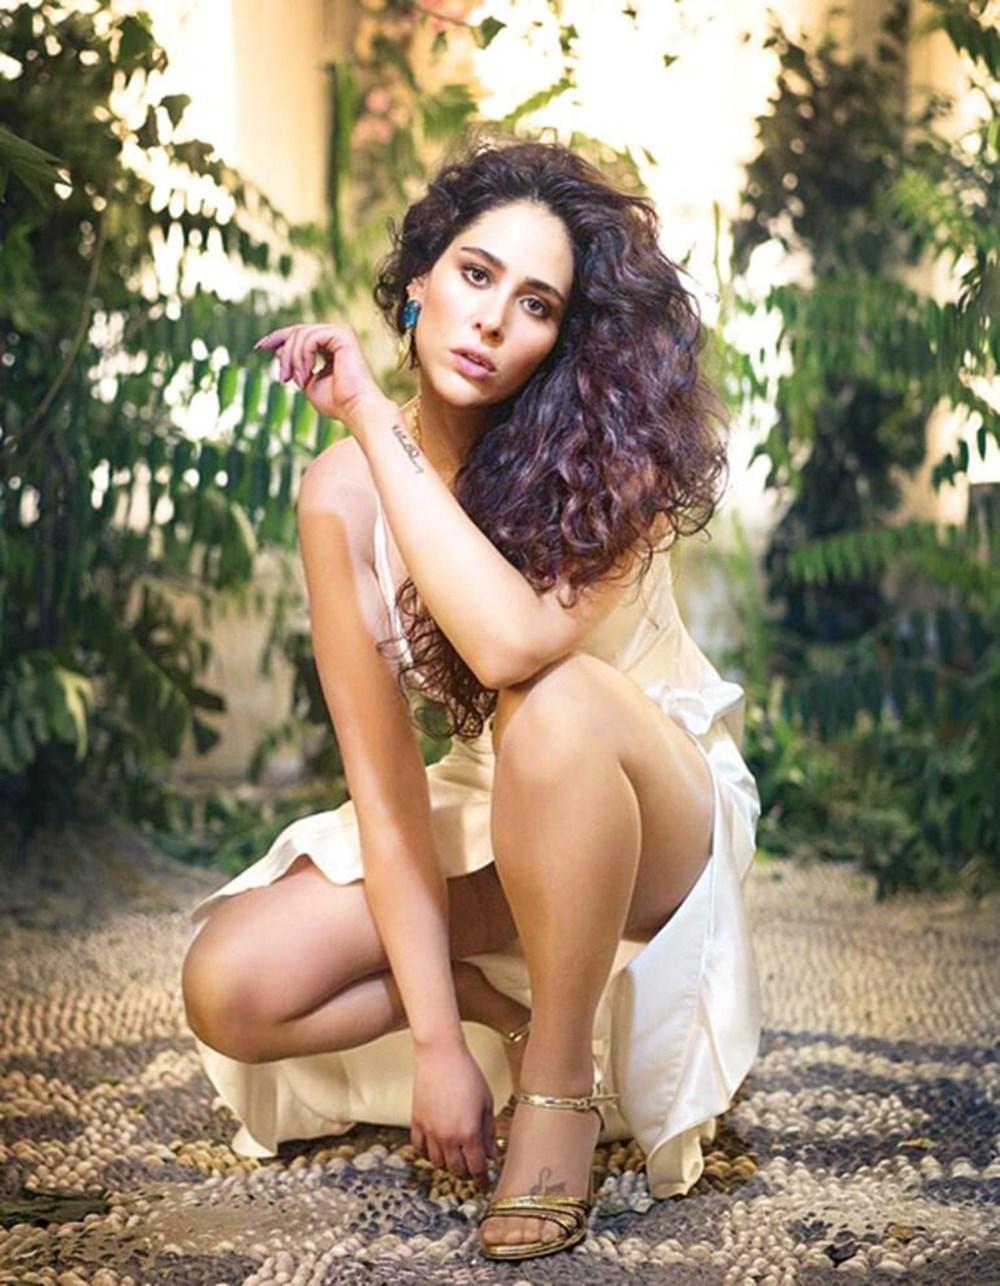 Mahmut Tuncer'in müzisyen kızı Gizem Tuncer 40 kilo verdi - Magazin  Haberleri